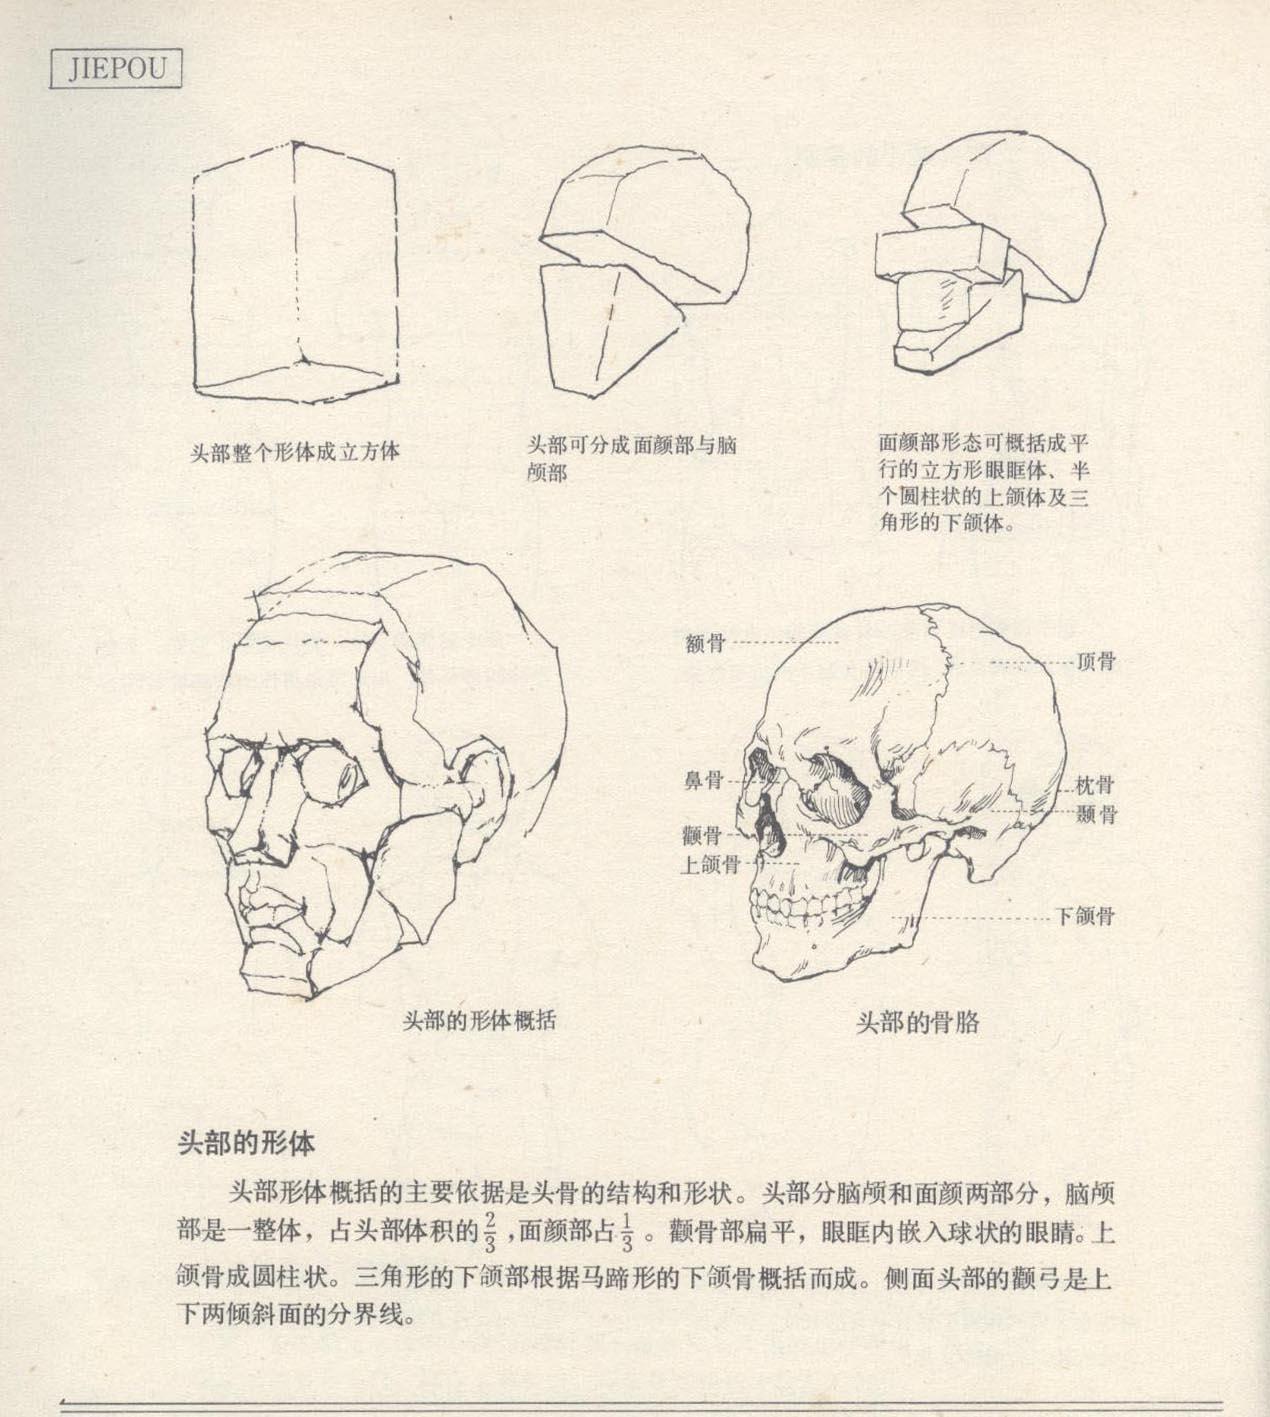 第1章:速写普及课  第5节:头手脚的结构体面认识  【参考素材】